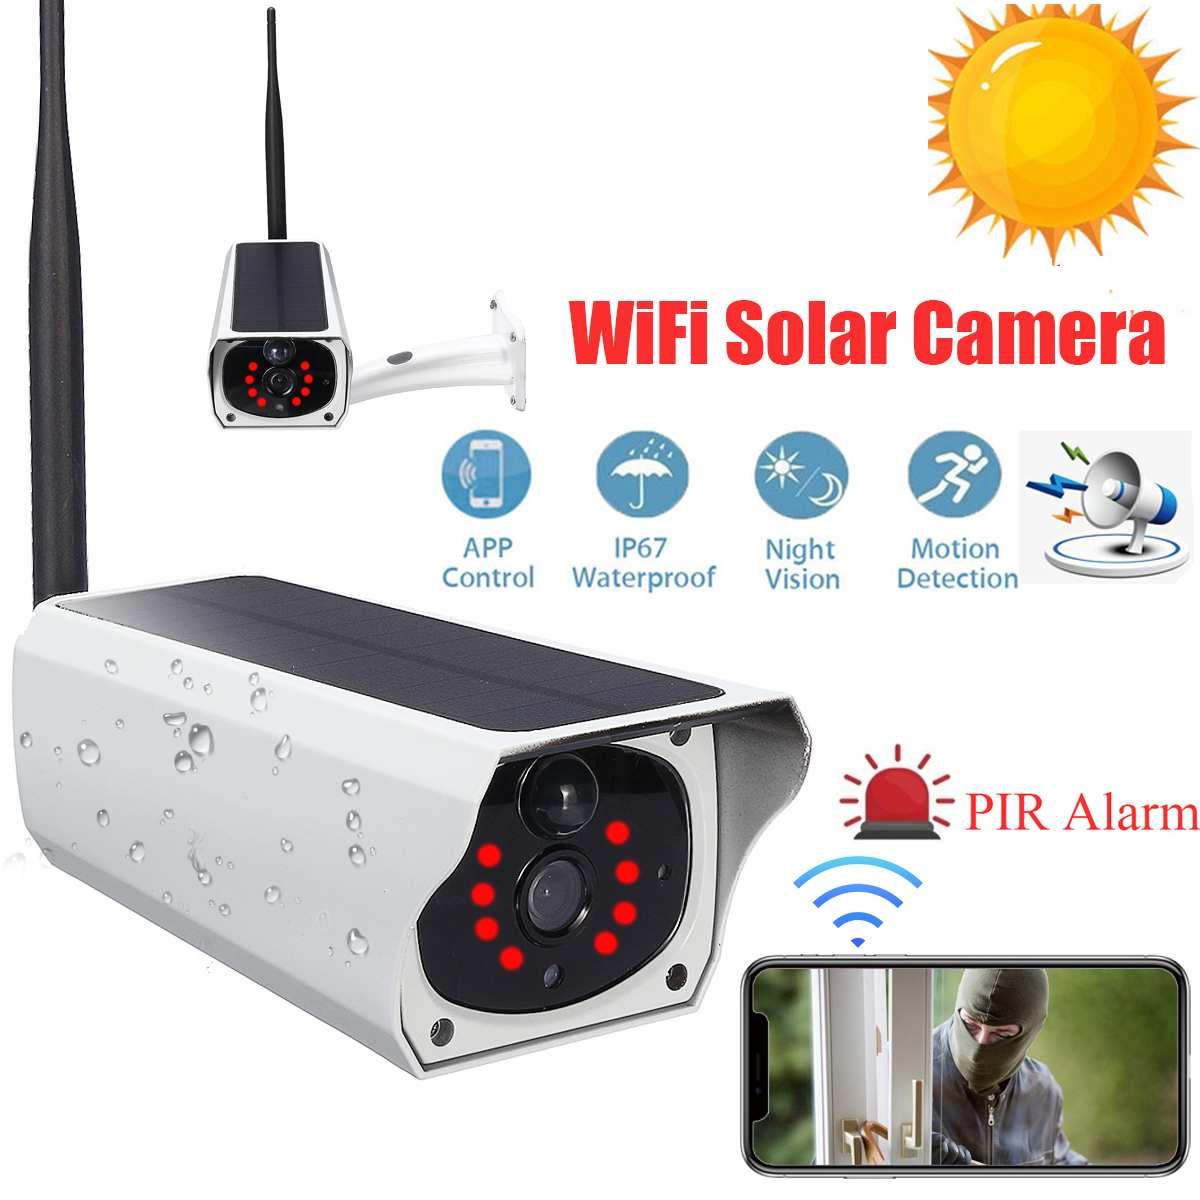 1080P HD Wi-fi Sem Fio Da Câmera de Vigilância da Segurança Home Câmera Visão Nocturna do IR Câmera com Áudio Bateria Solar Ao Ar Livre À Prova D' Água